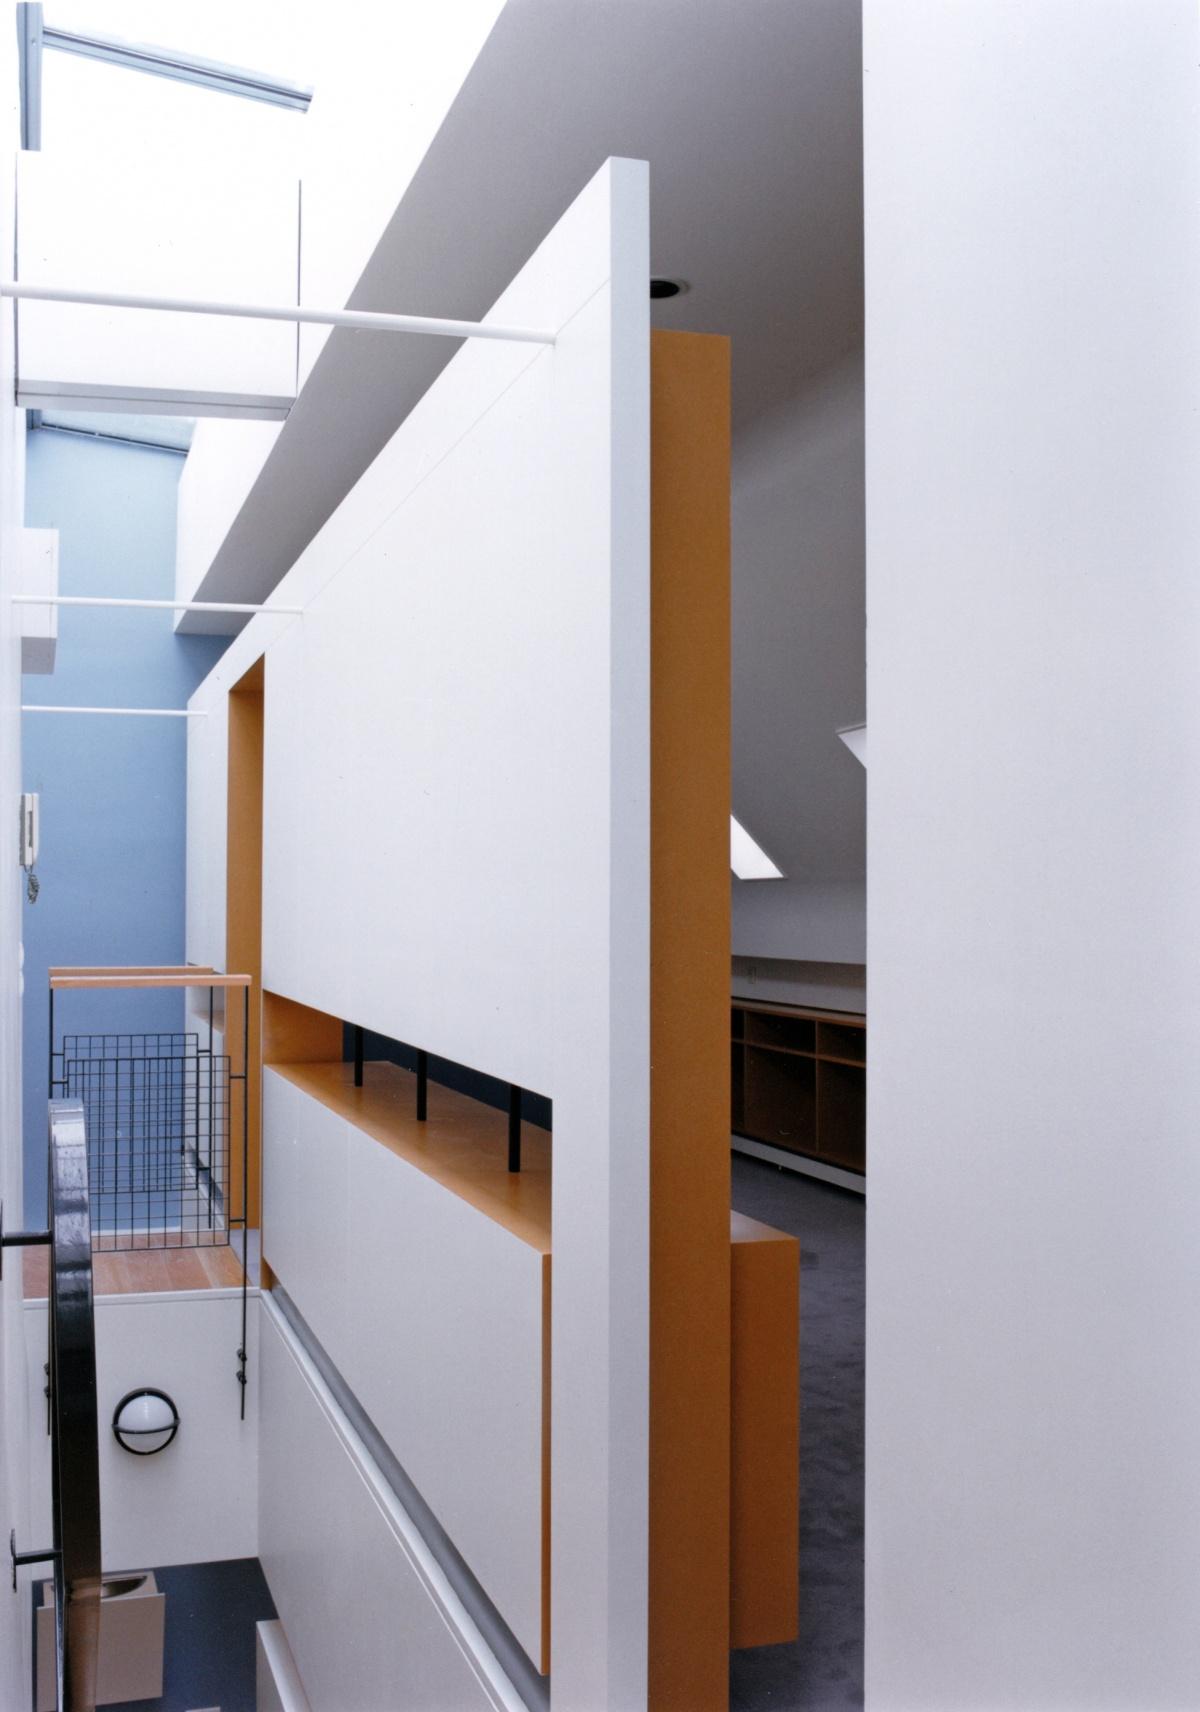 Duplex - Bibliothèque : 4 gir via g_0005 modifié